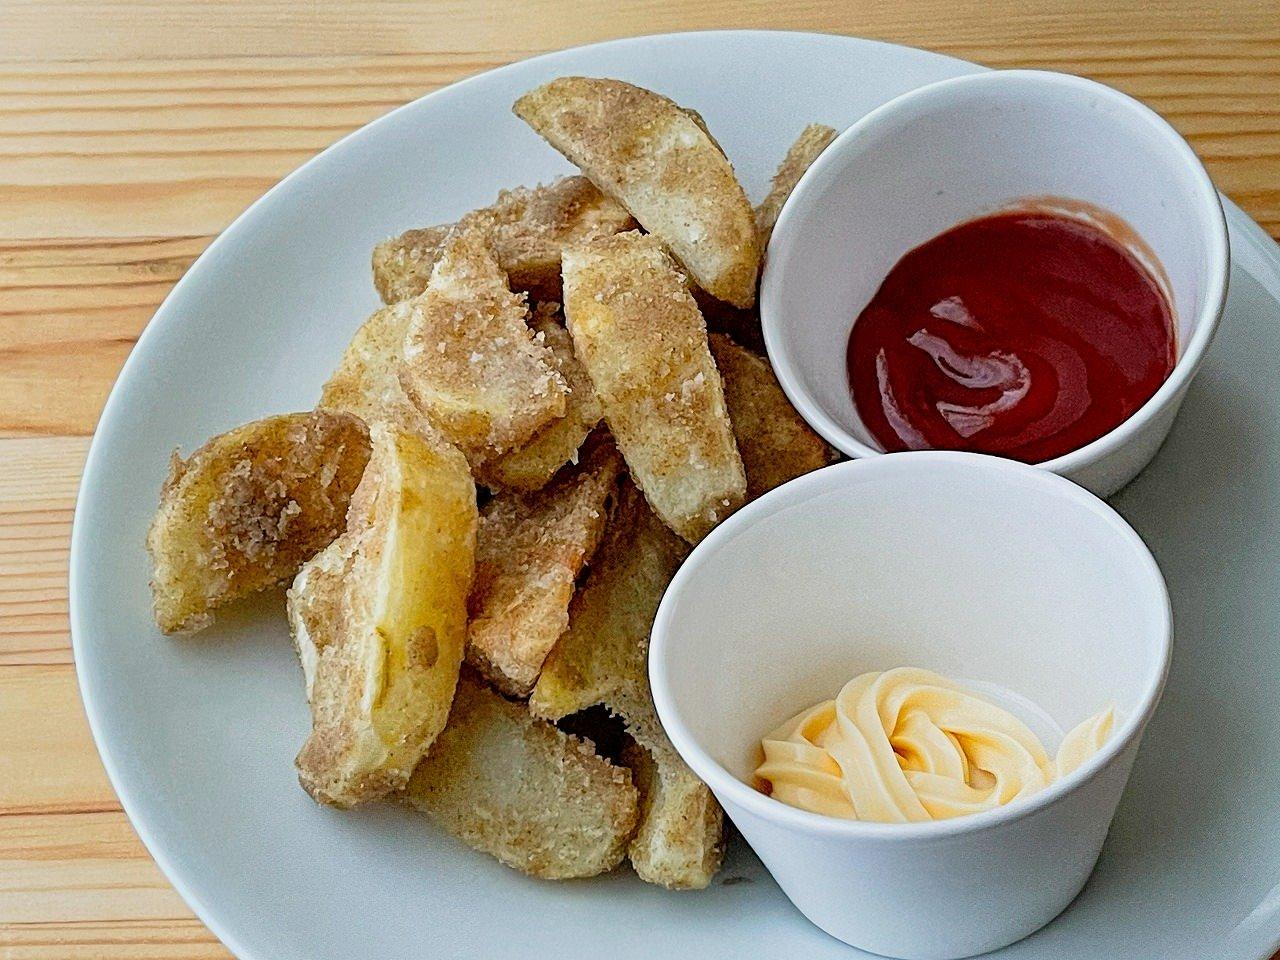 【野菜ひとつ】フライドポテト